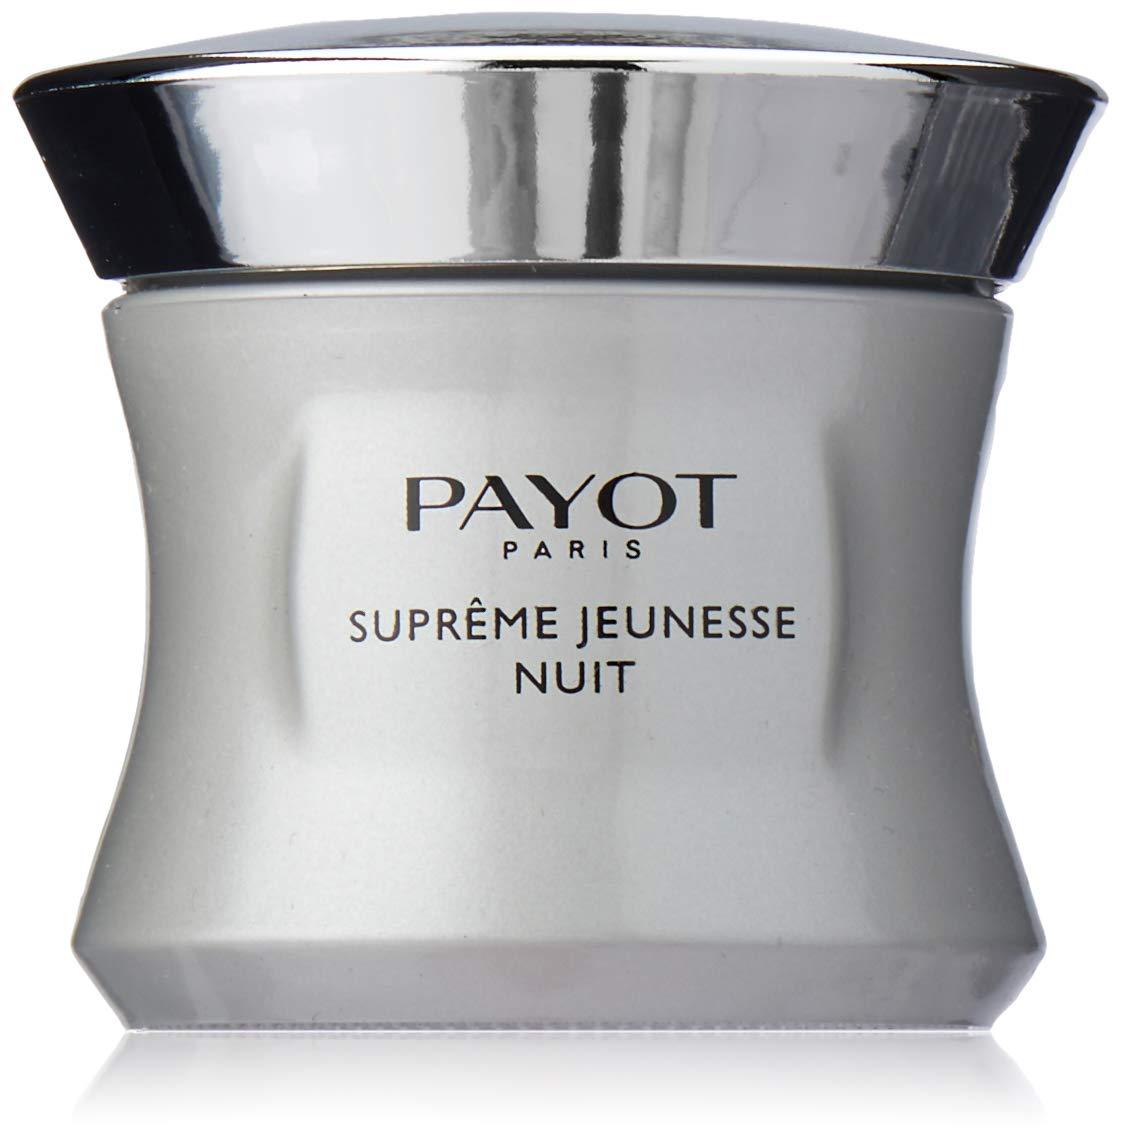 パイヨ Supreme Jeunesse Nuit Youth Process Complex - Mature Skins 50ml B015GBGQB4